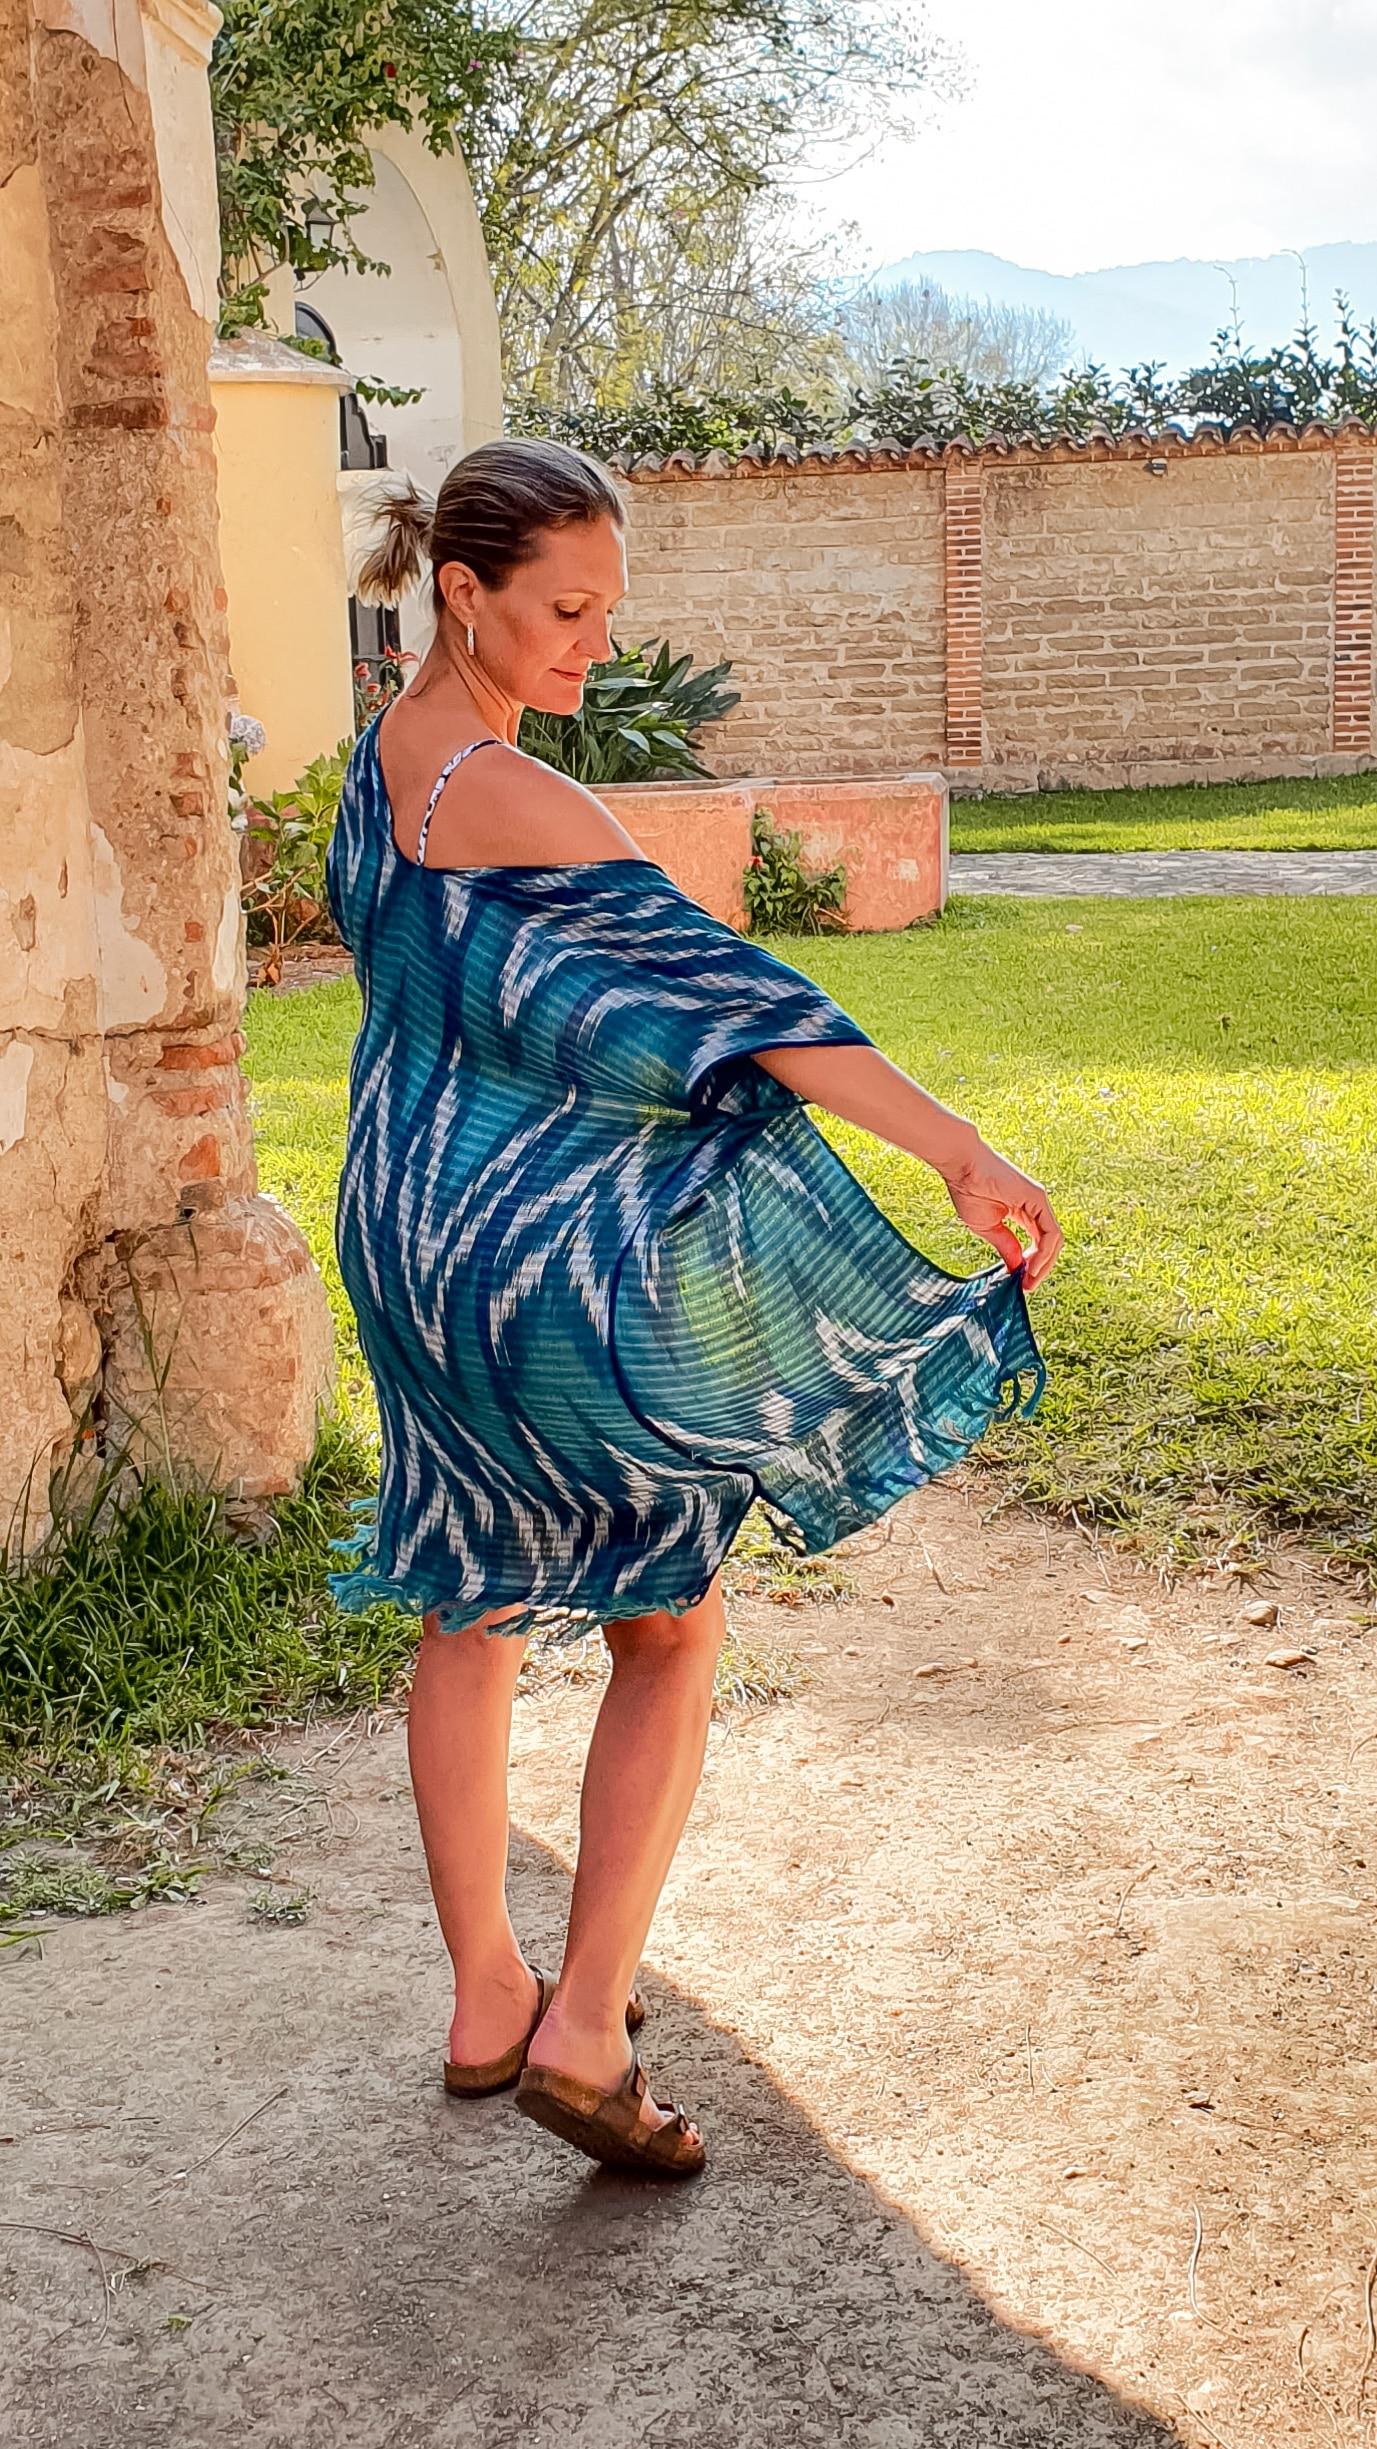 Handwoven Kimonos by Artensanías Chinimaya | Inspire Me Latin America